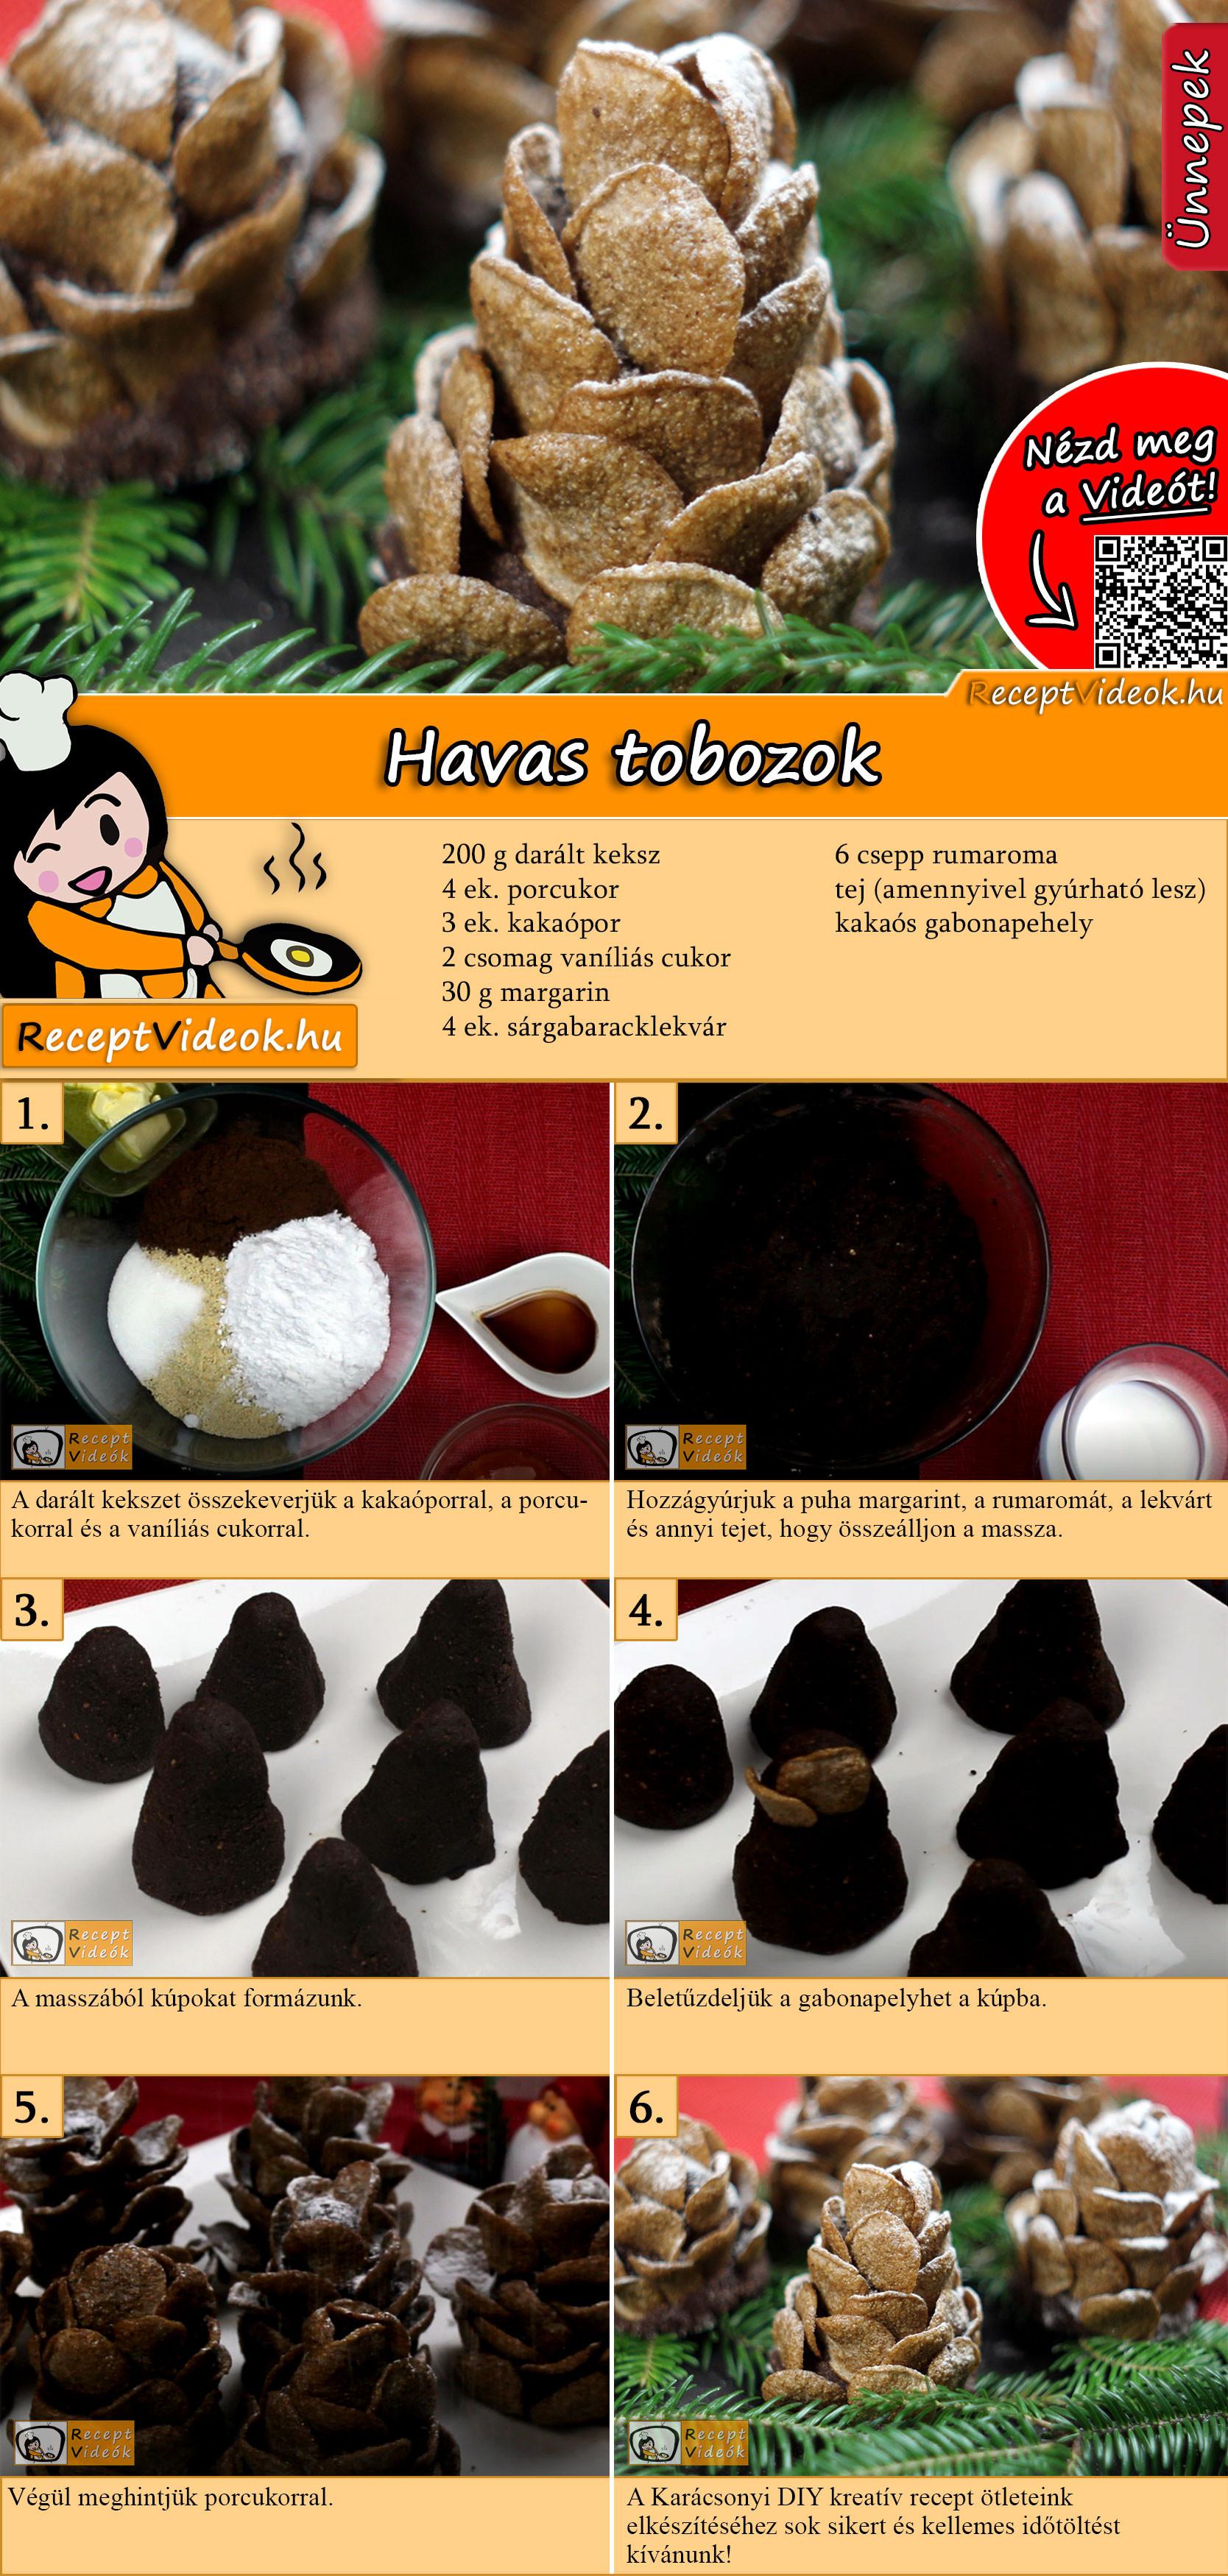 Havas tobozok recept elkészítése videóval